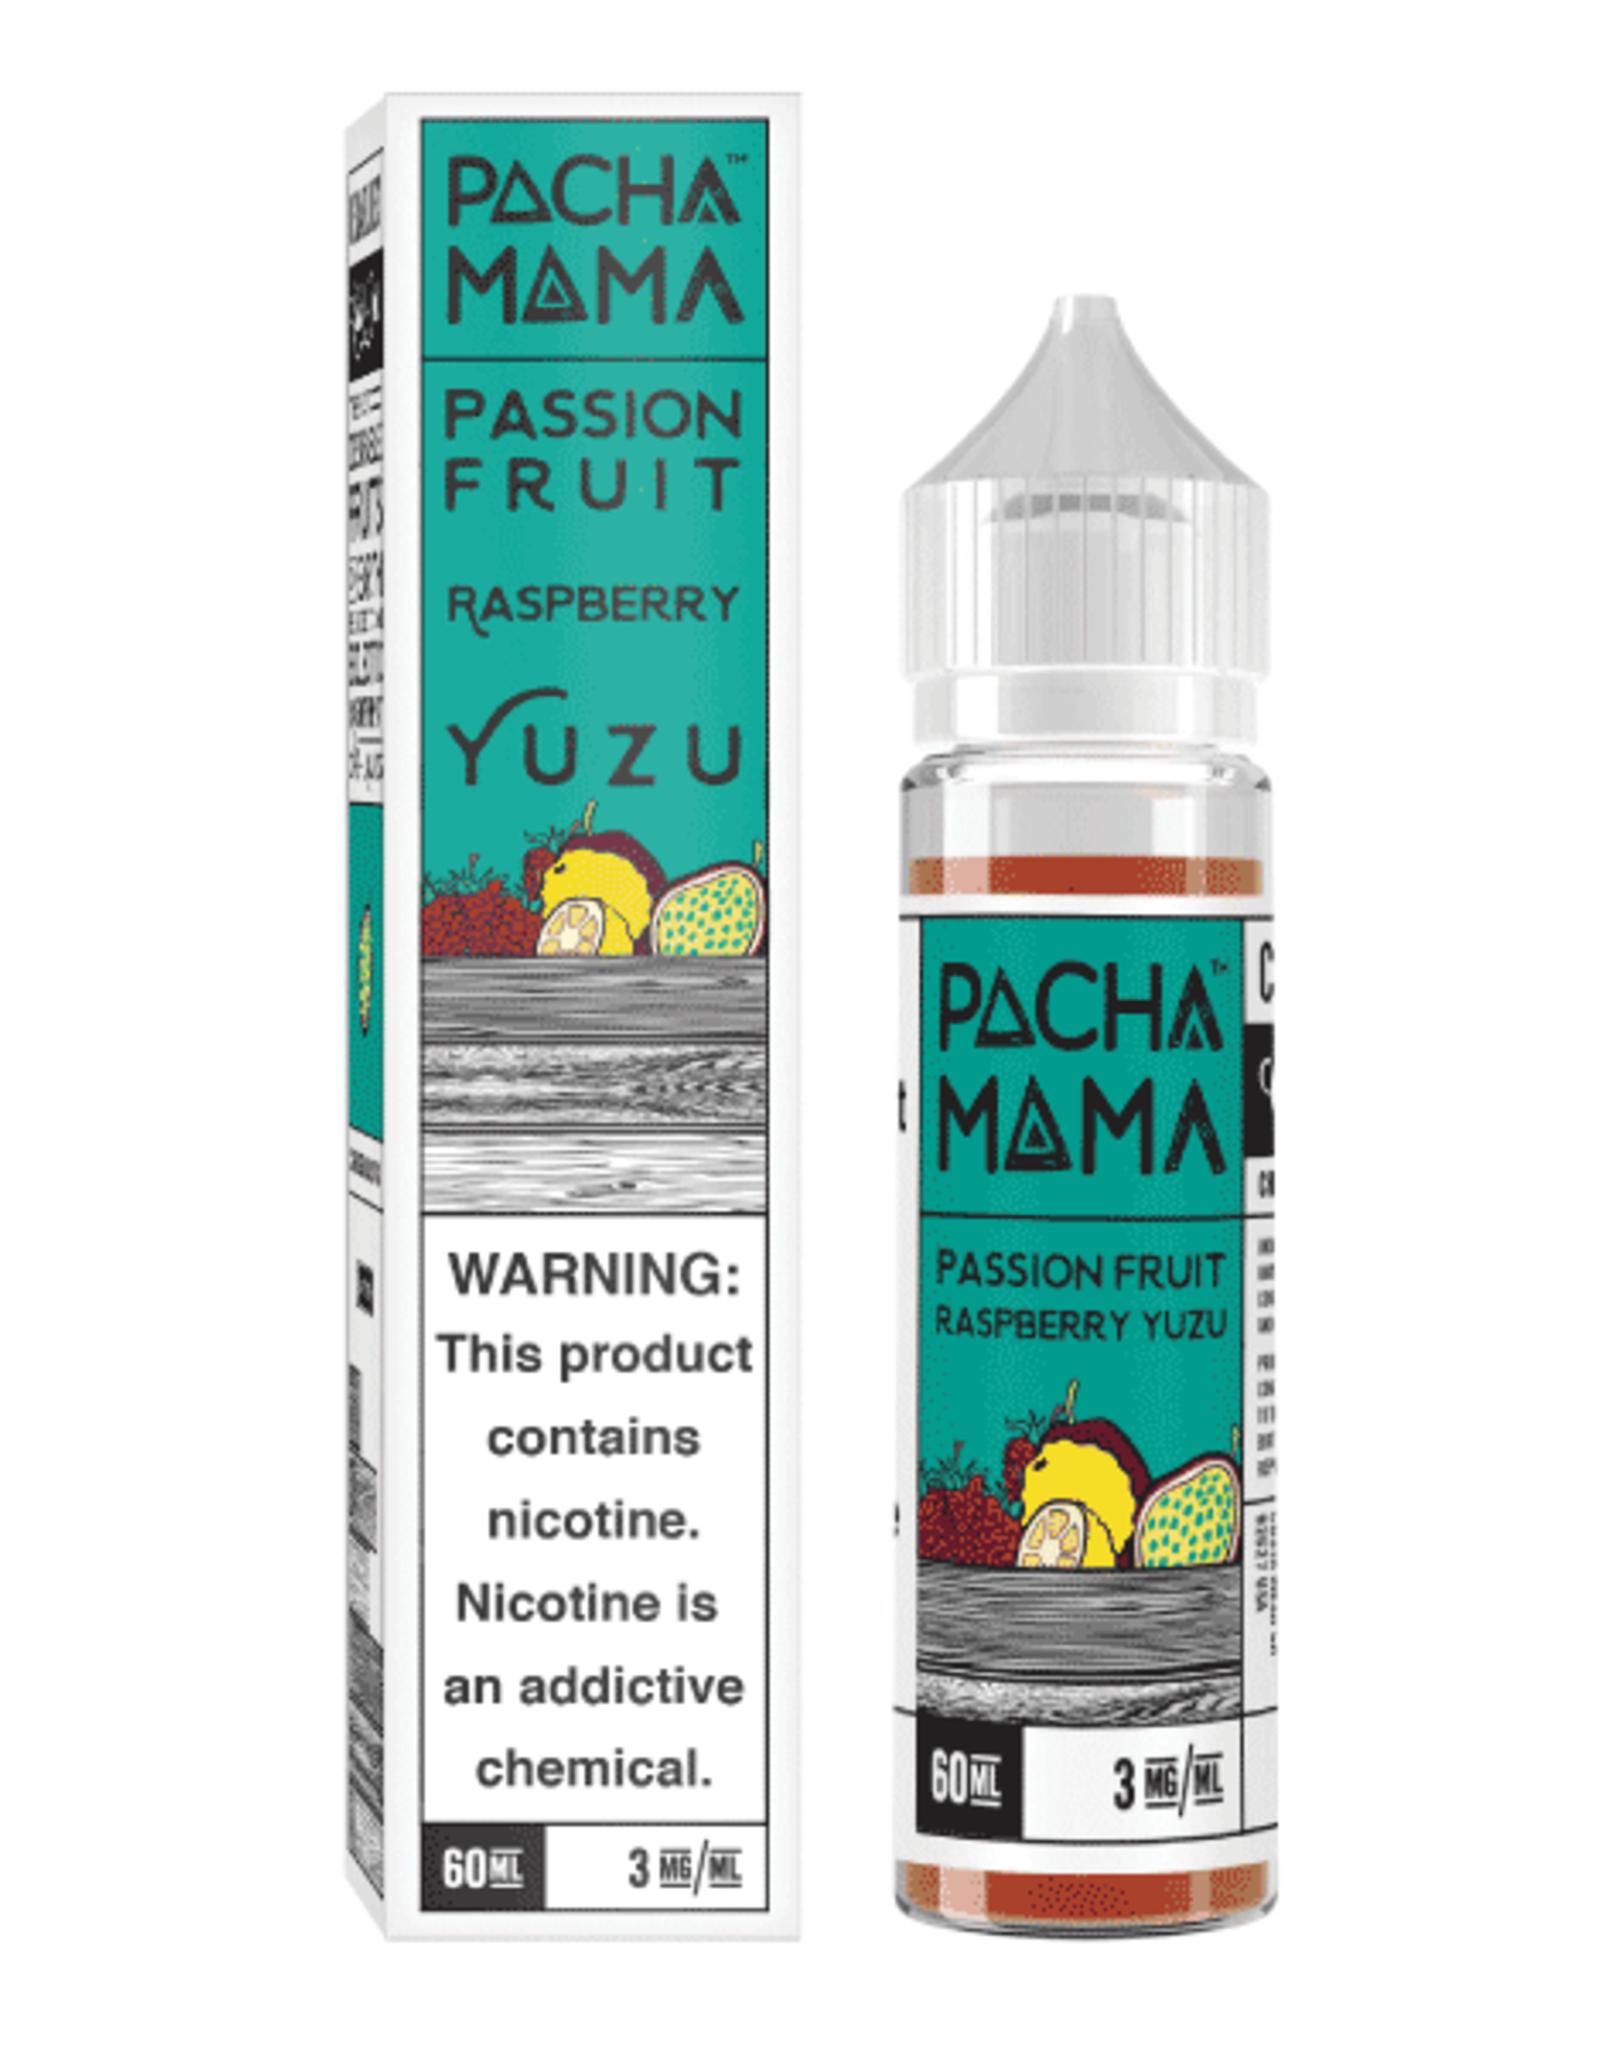 Pacha Mama Passion Fruit Raspberry Yuzu 60ml